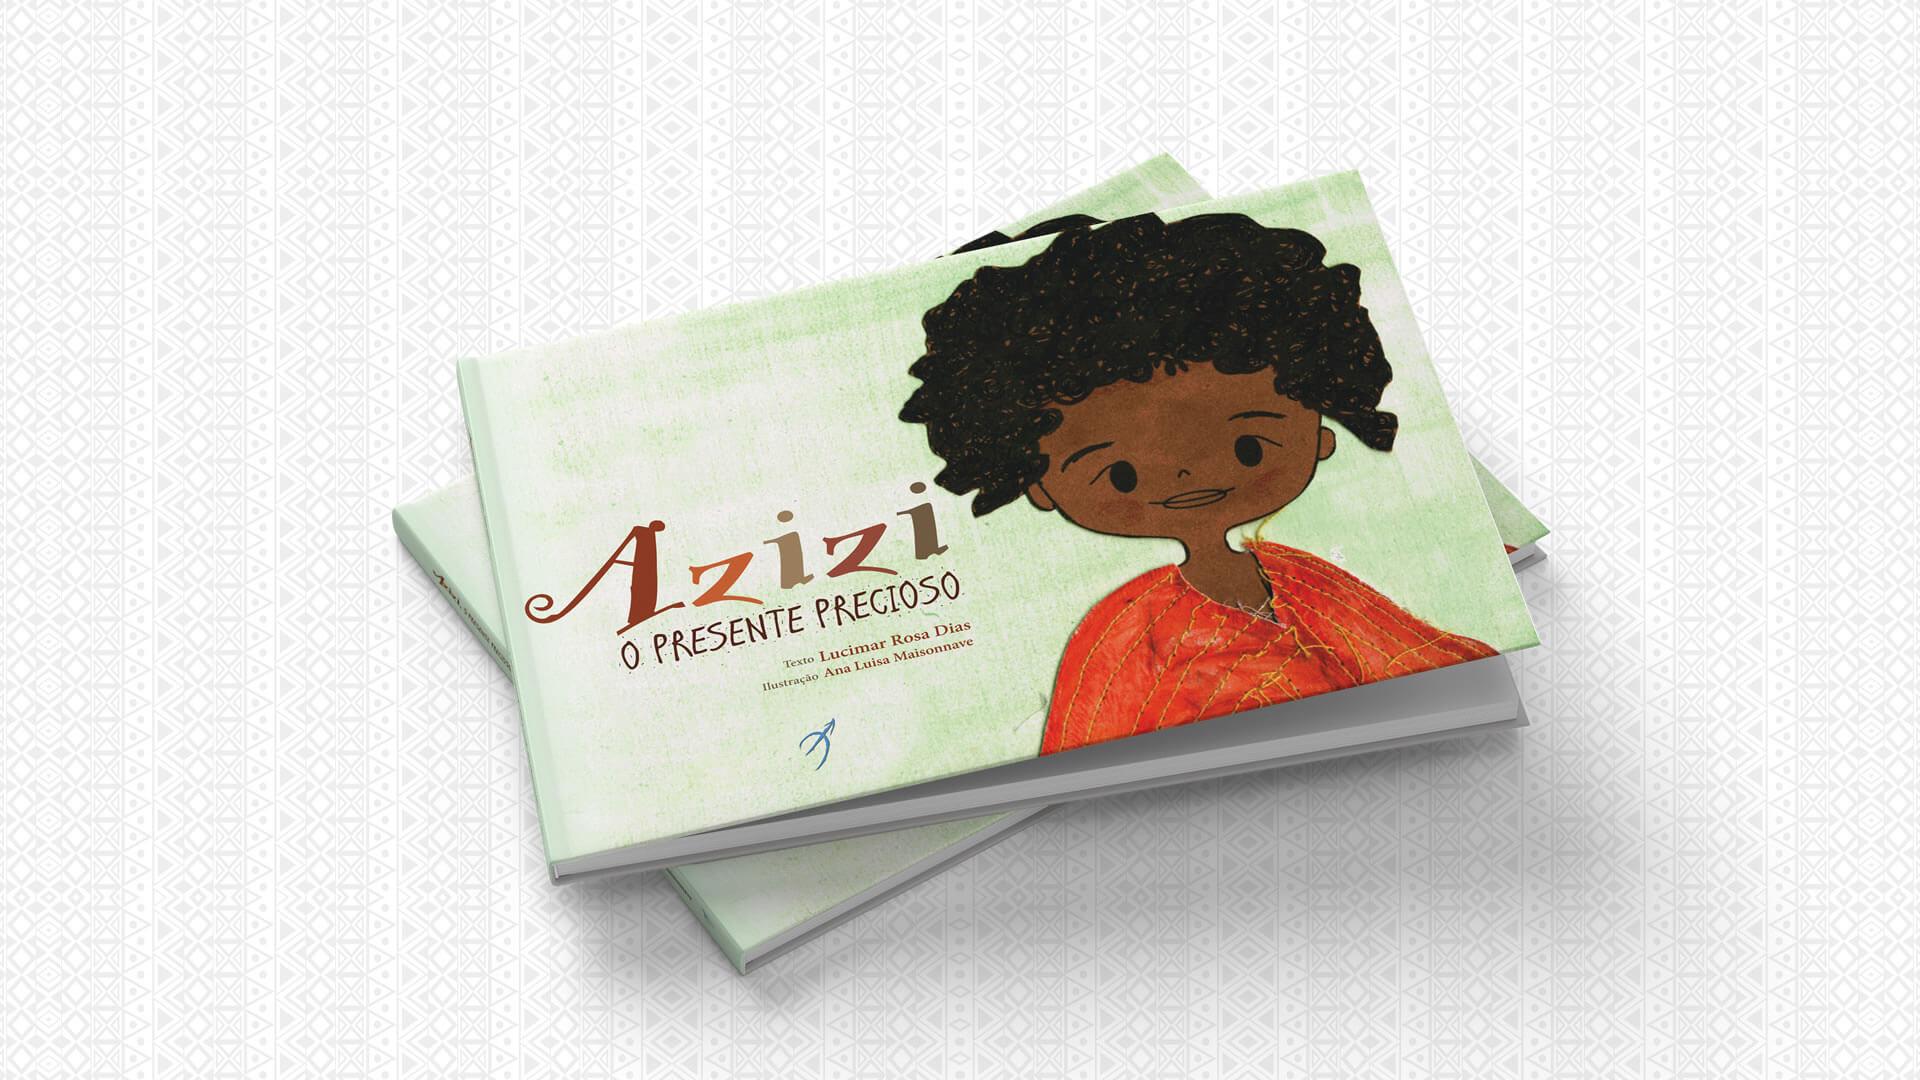 Arole Cultural | Livro infantil assinado por Lucimar Rosa Dias, novo lançamento da Arole Cultural aborda o amor de uma família que une diferentes raças